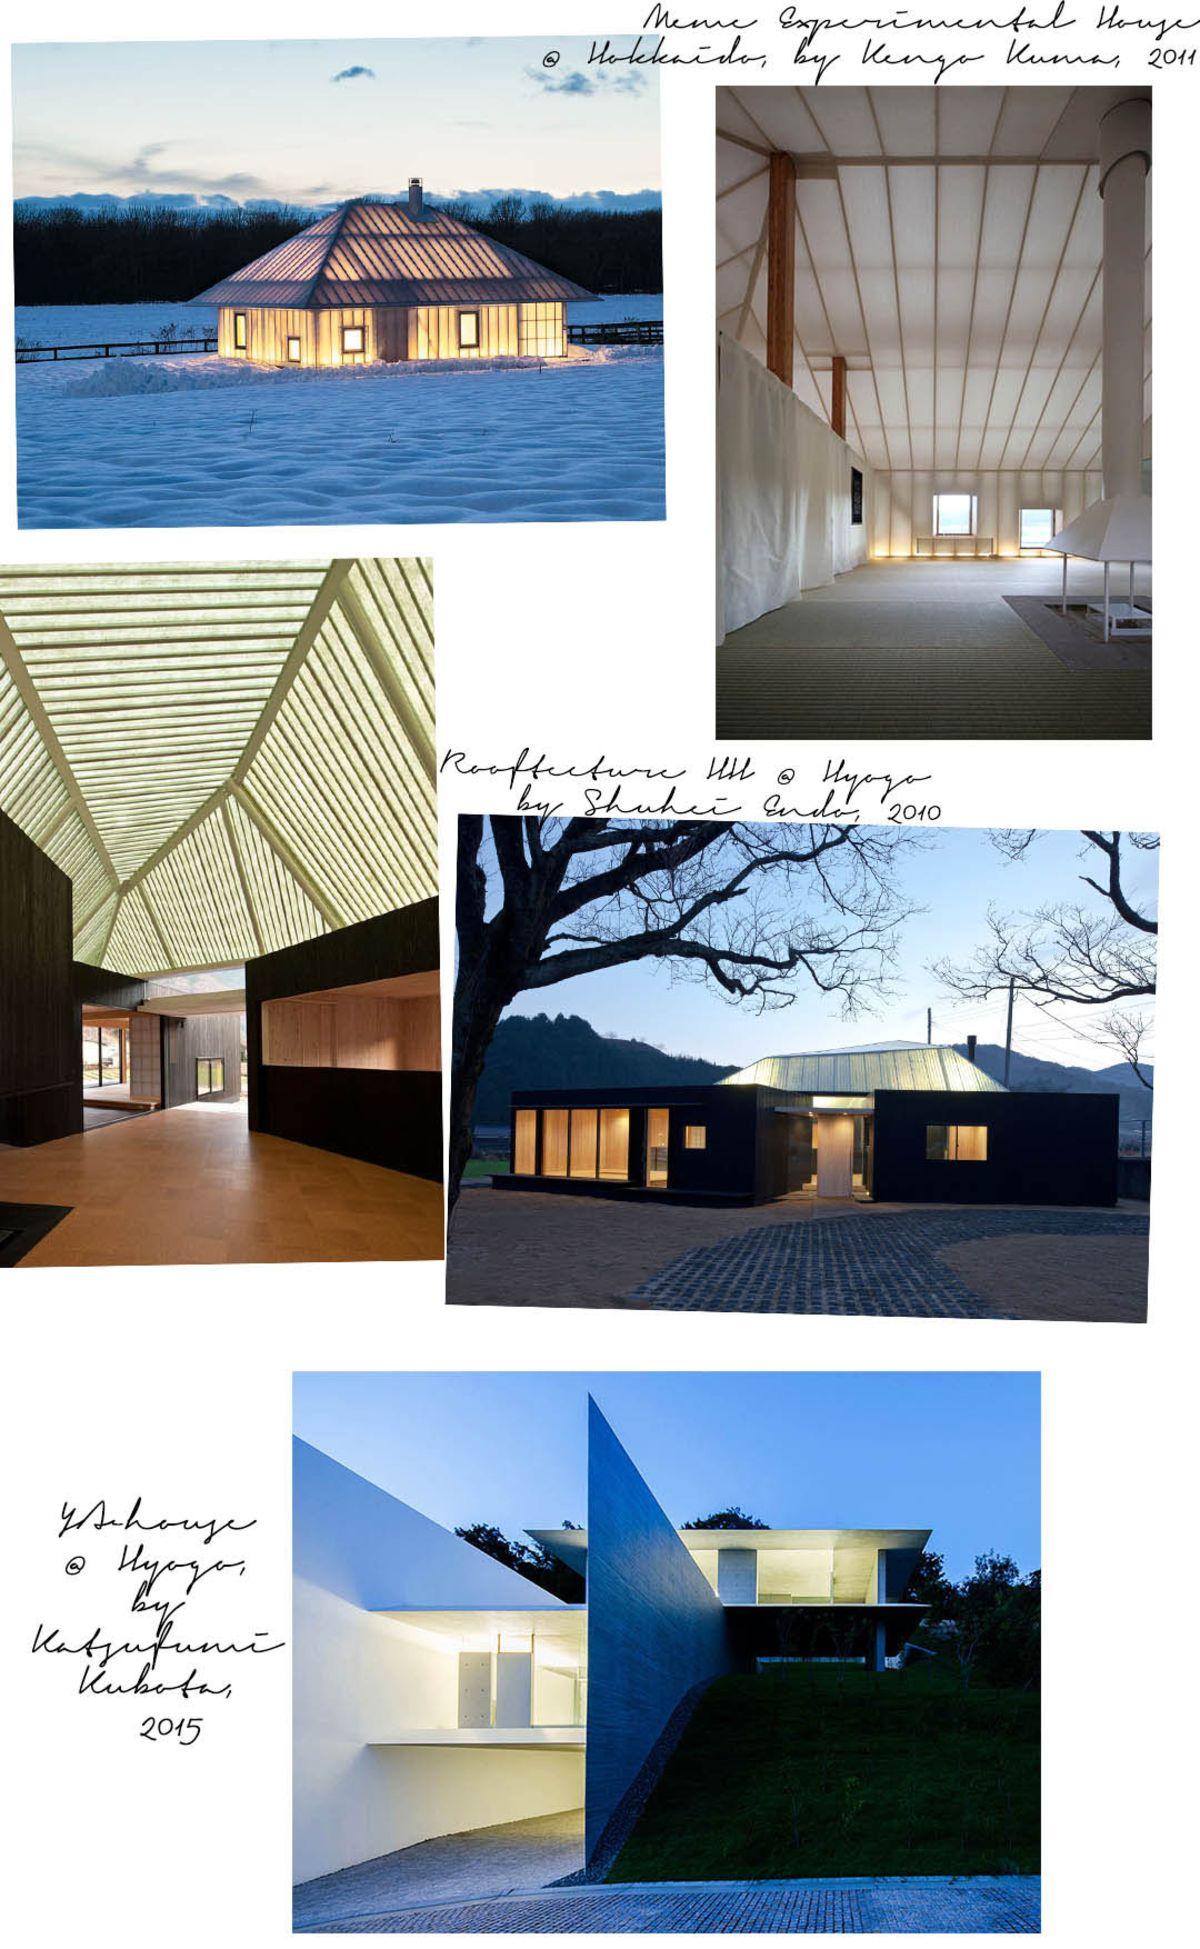 Case in giappone un libro sull architettura sensibile for Case in giappone